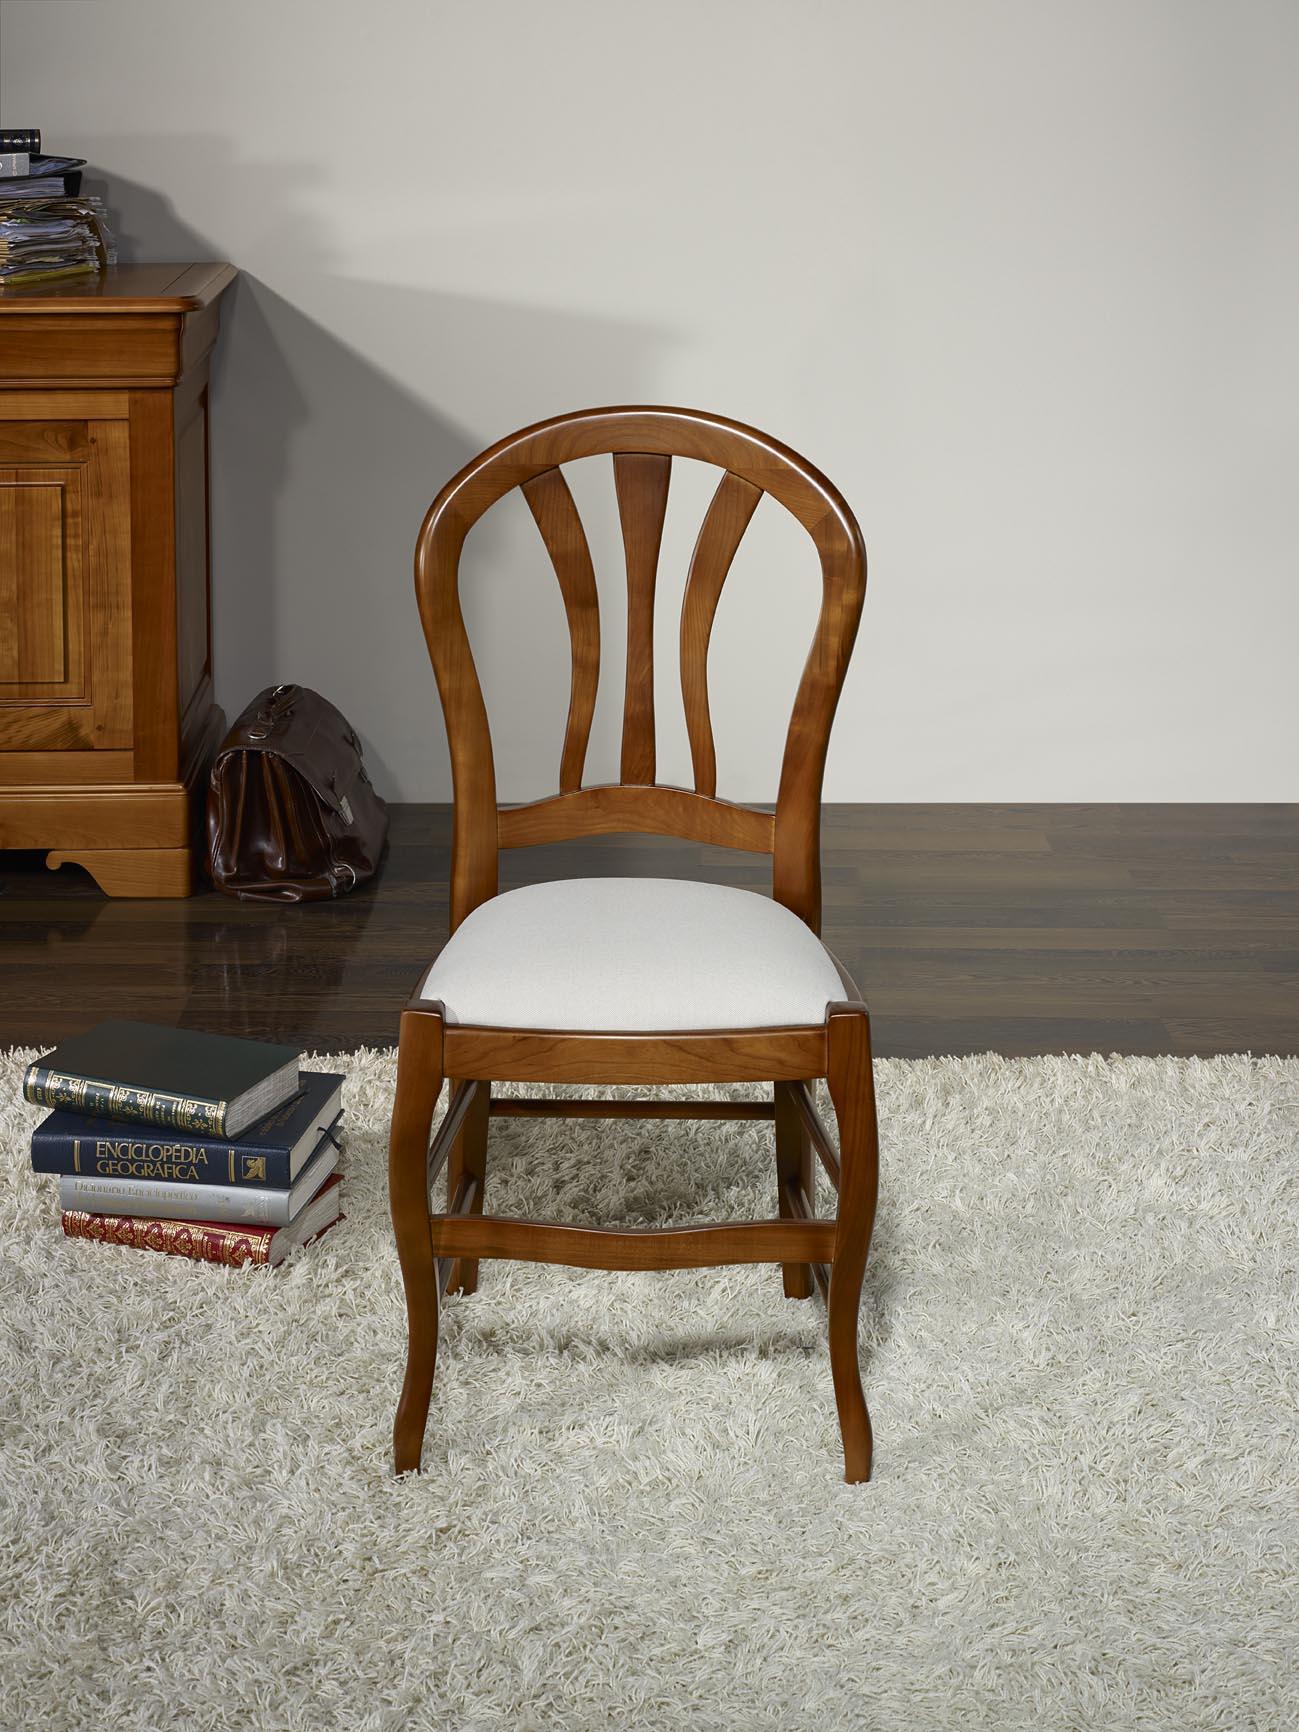 Chaise camille en h tre massif assise tissu de style louis philippe meuble en merisier - Chaise style louis philippe ...